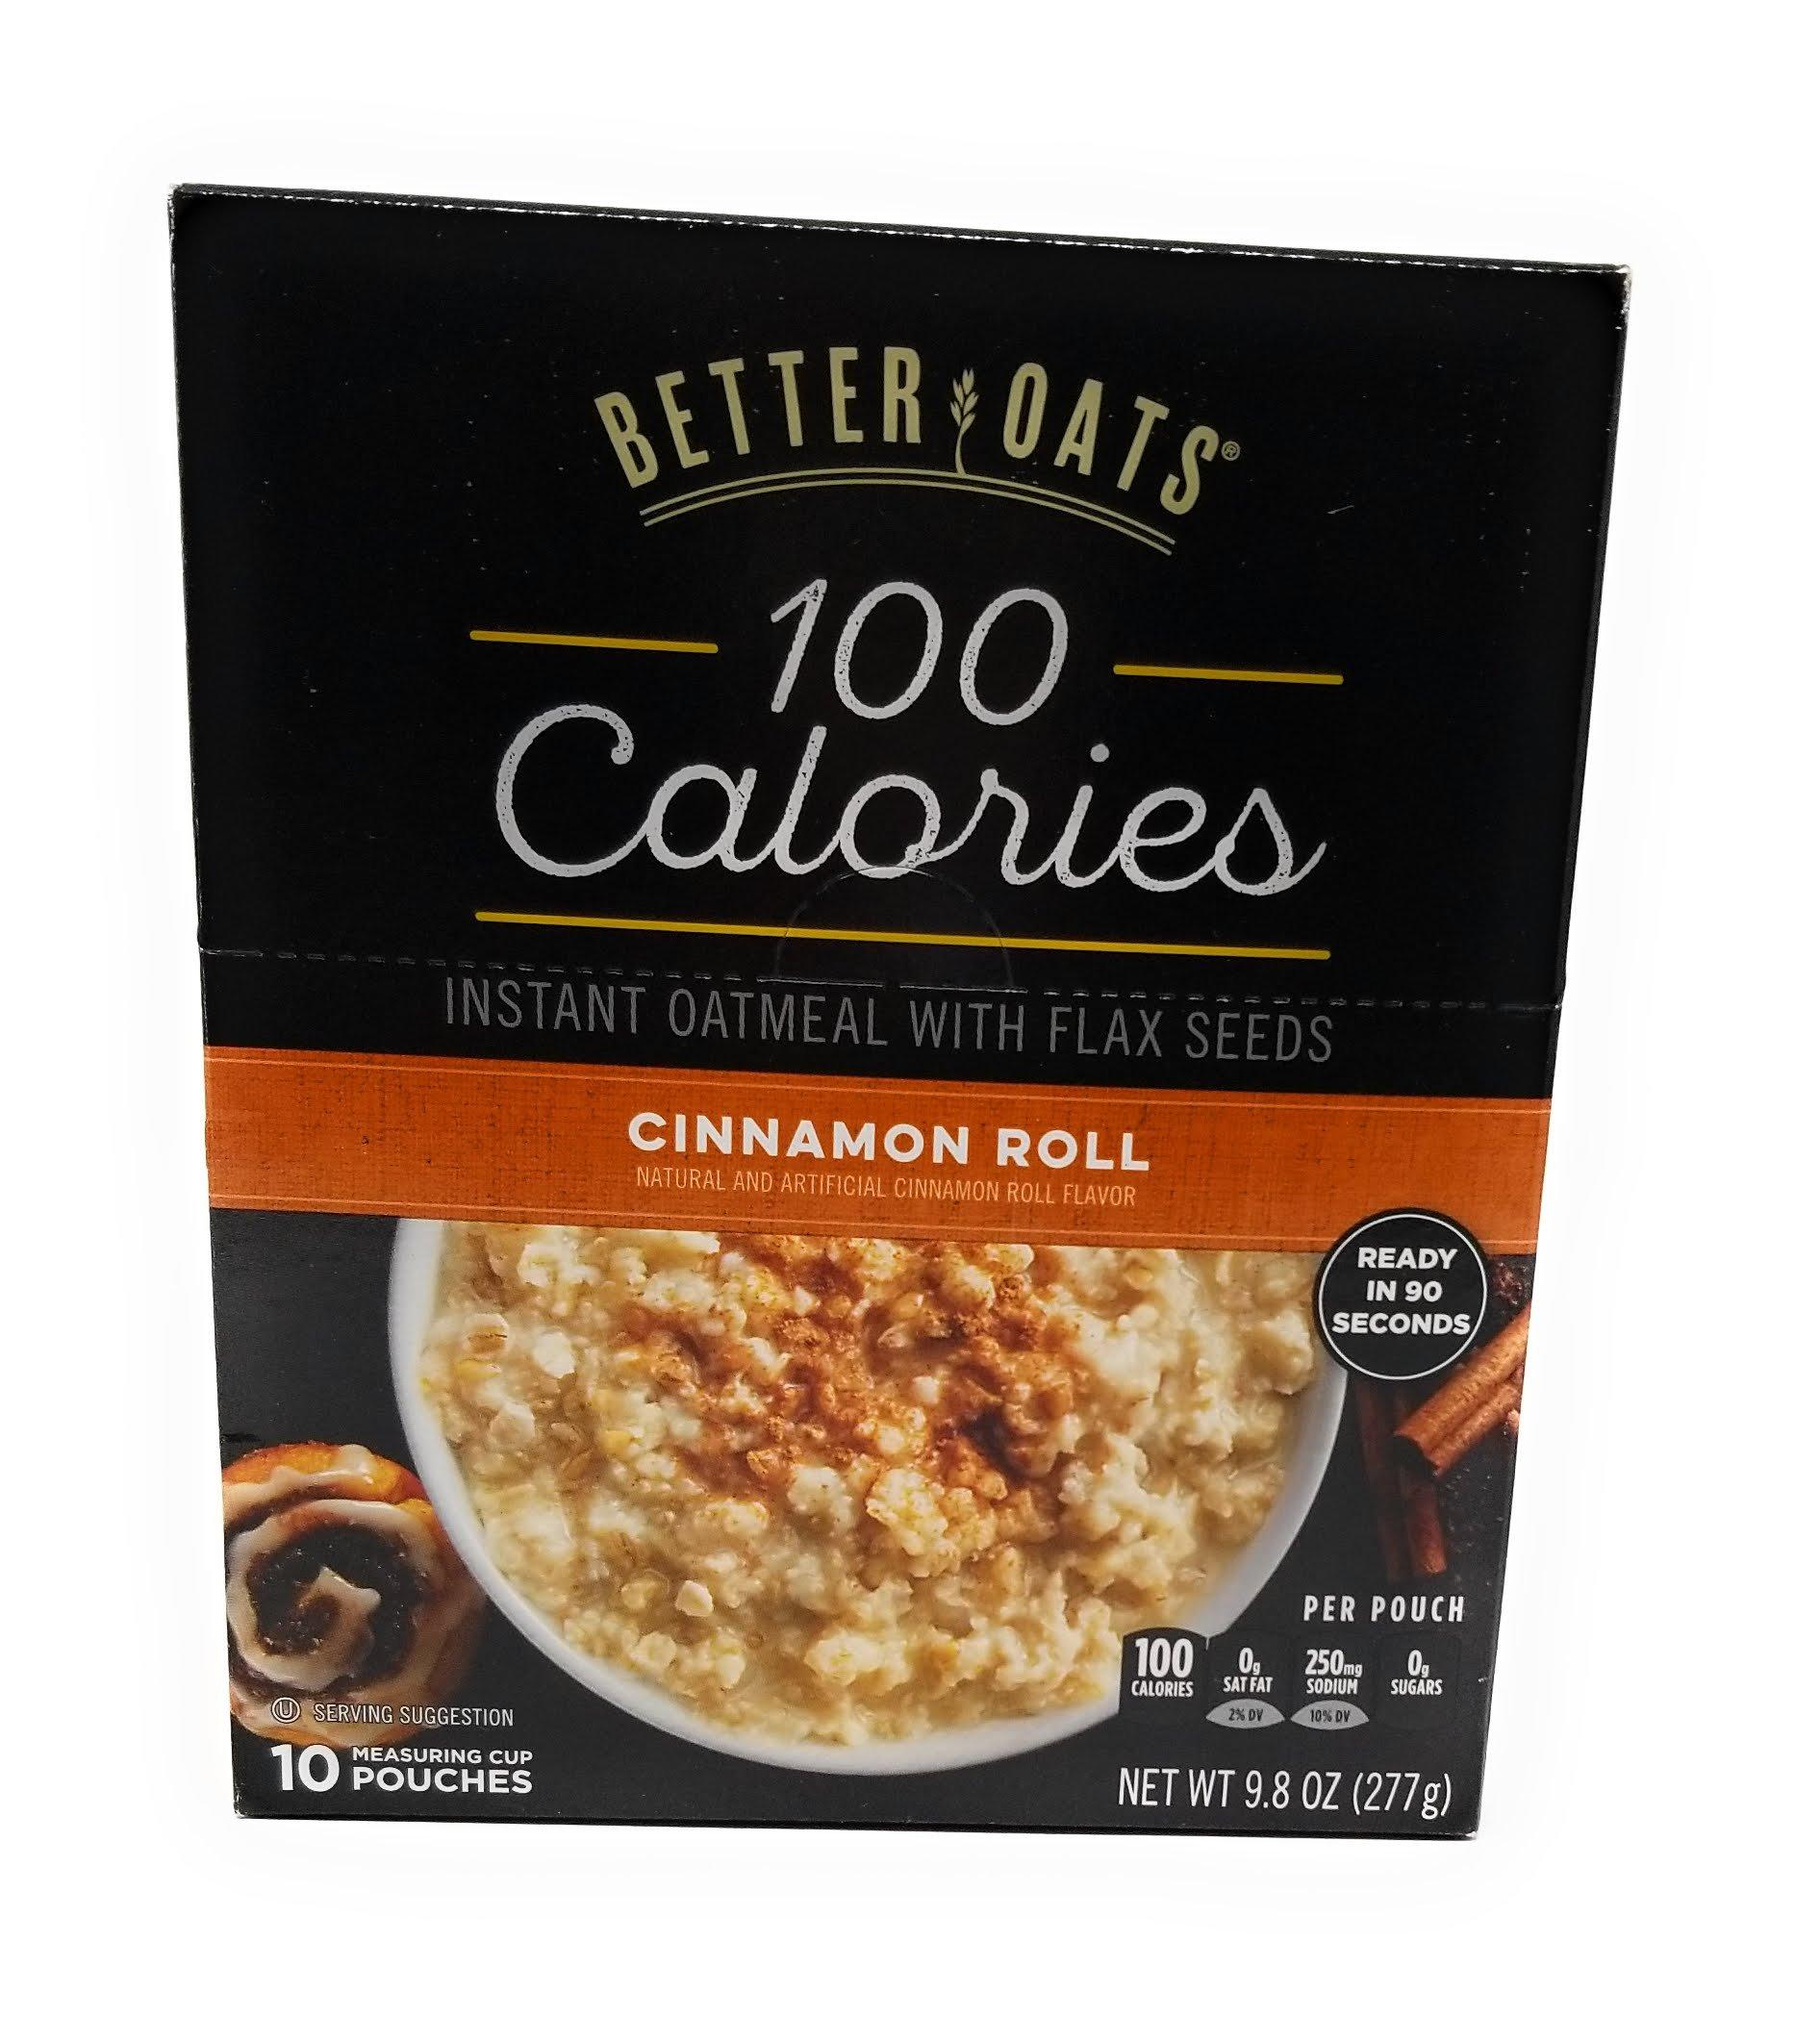 Better Oats OAT FIT Instant Oatmeal CINNAMON ROLL 9.8oz (3 Pack)